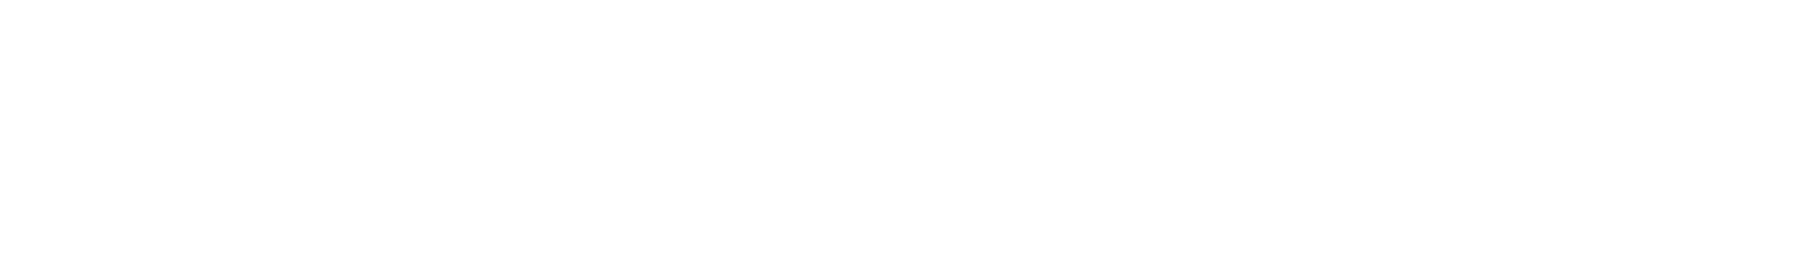 vfx1 atmos 74